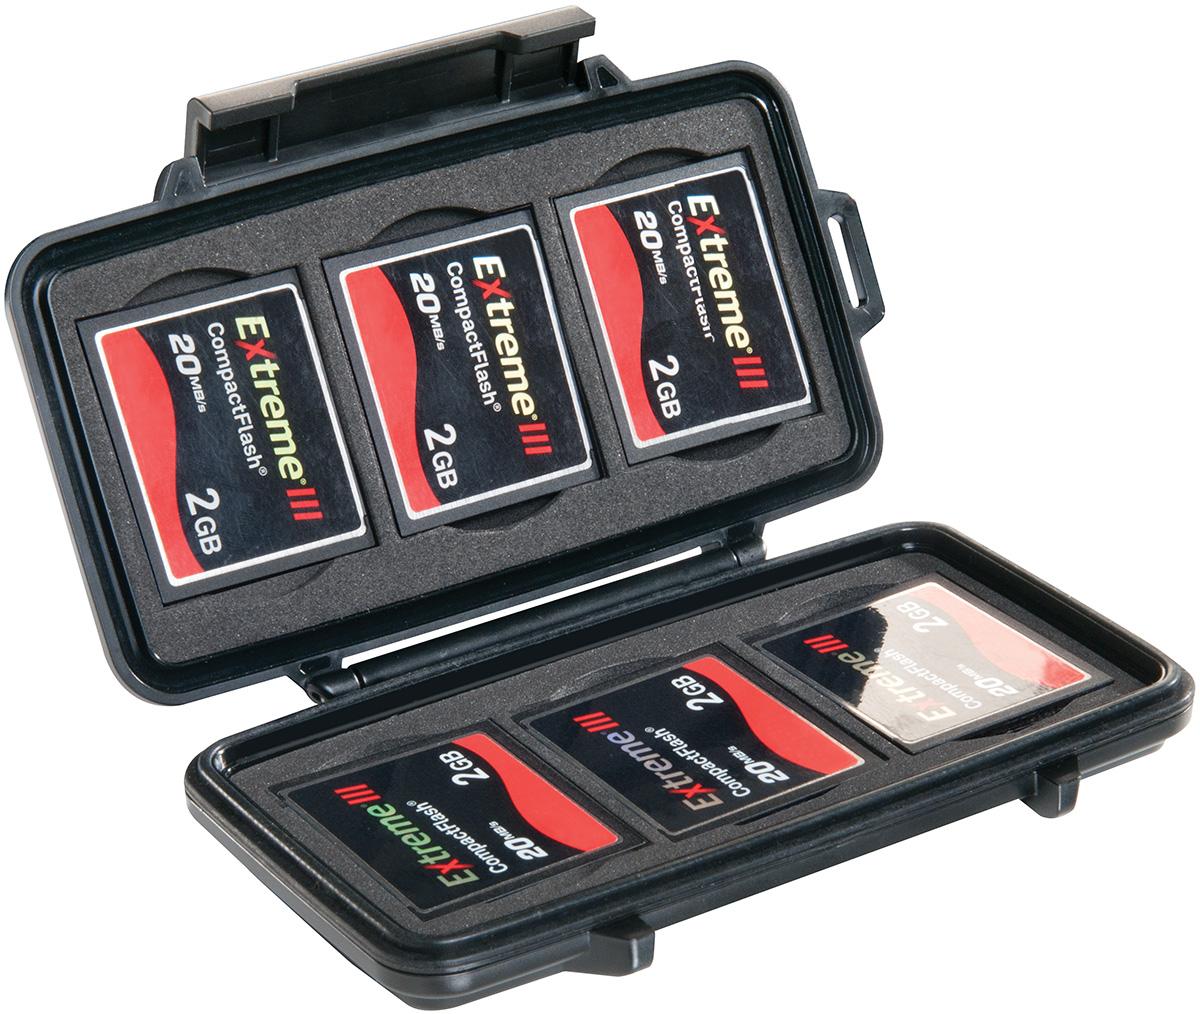 Pelican 0945 - Estuche para tarjetas Compact Flash resistente al agua IPX4